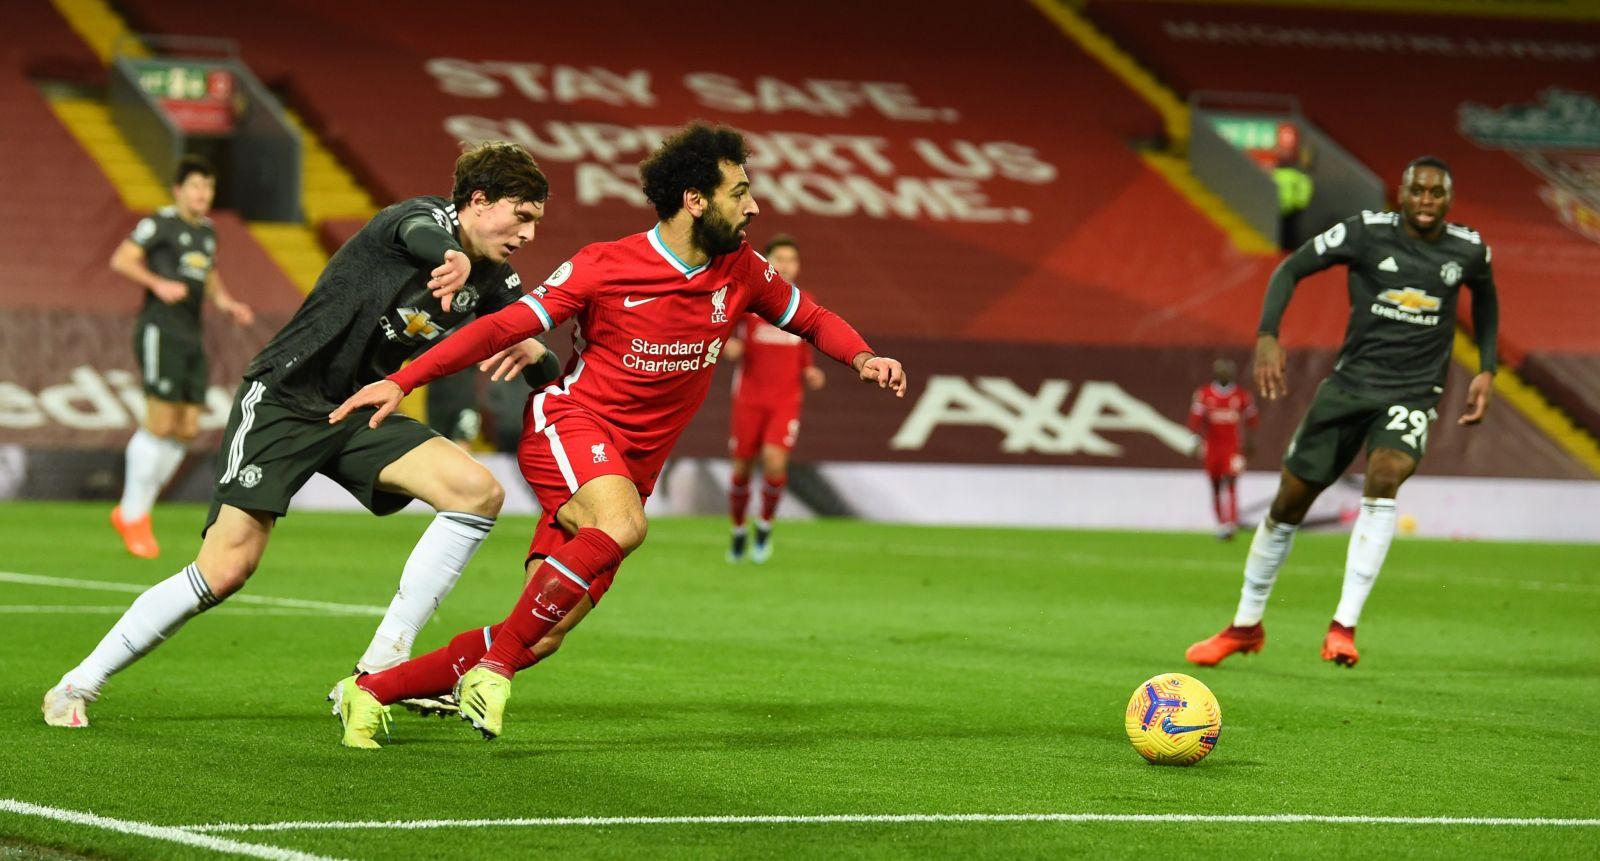 Jadwal Piala FA Hari Ini: Man United vs Liverpool